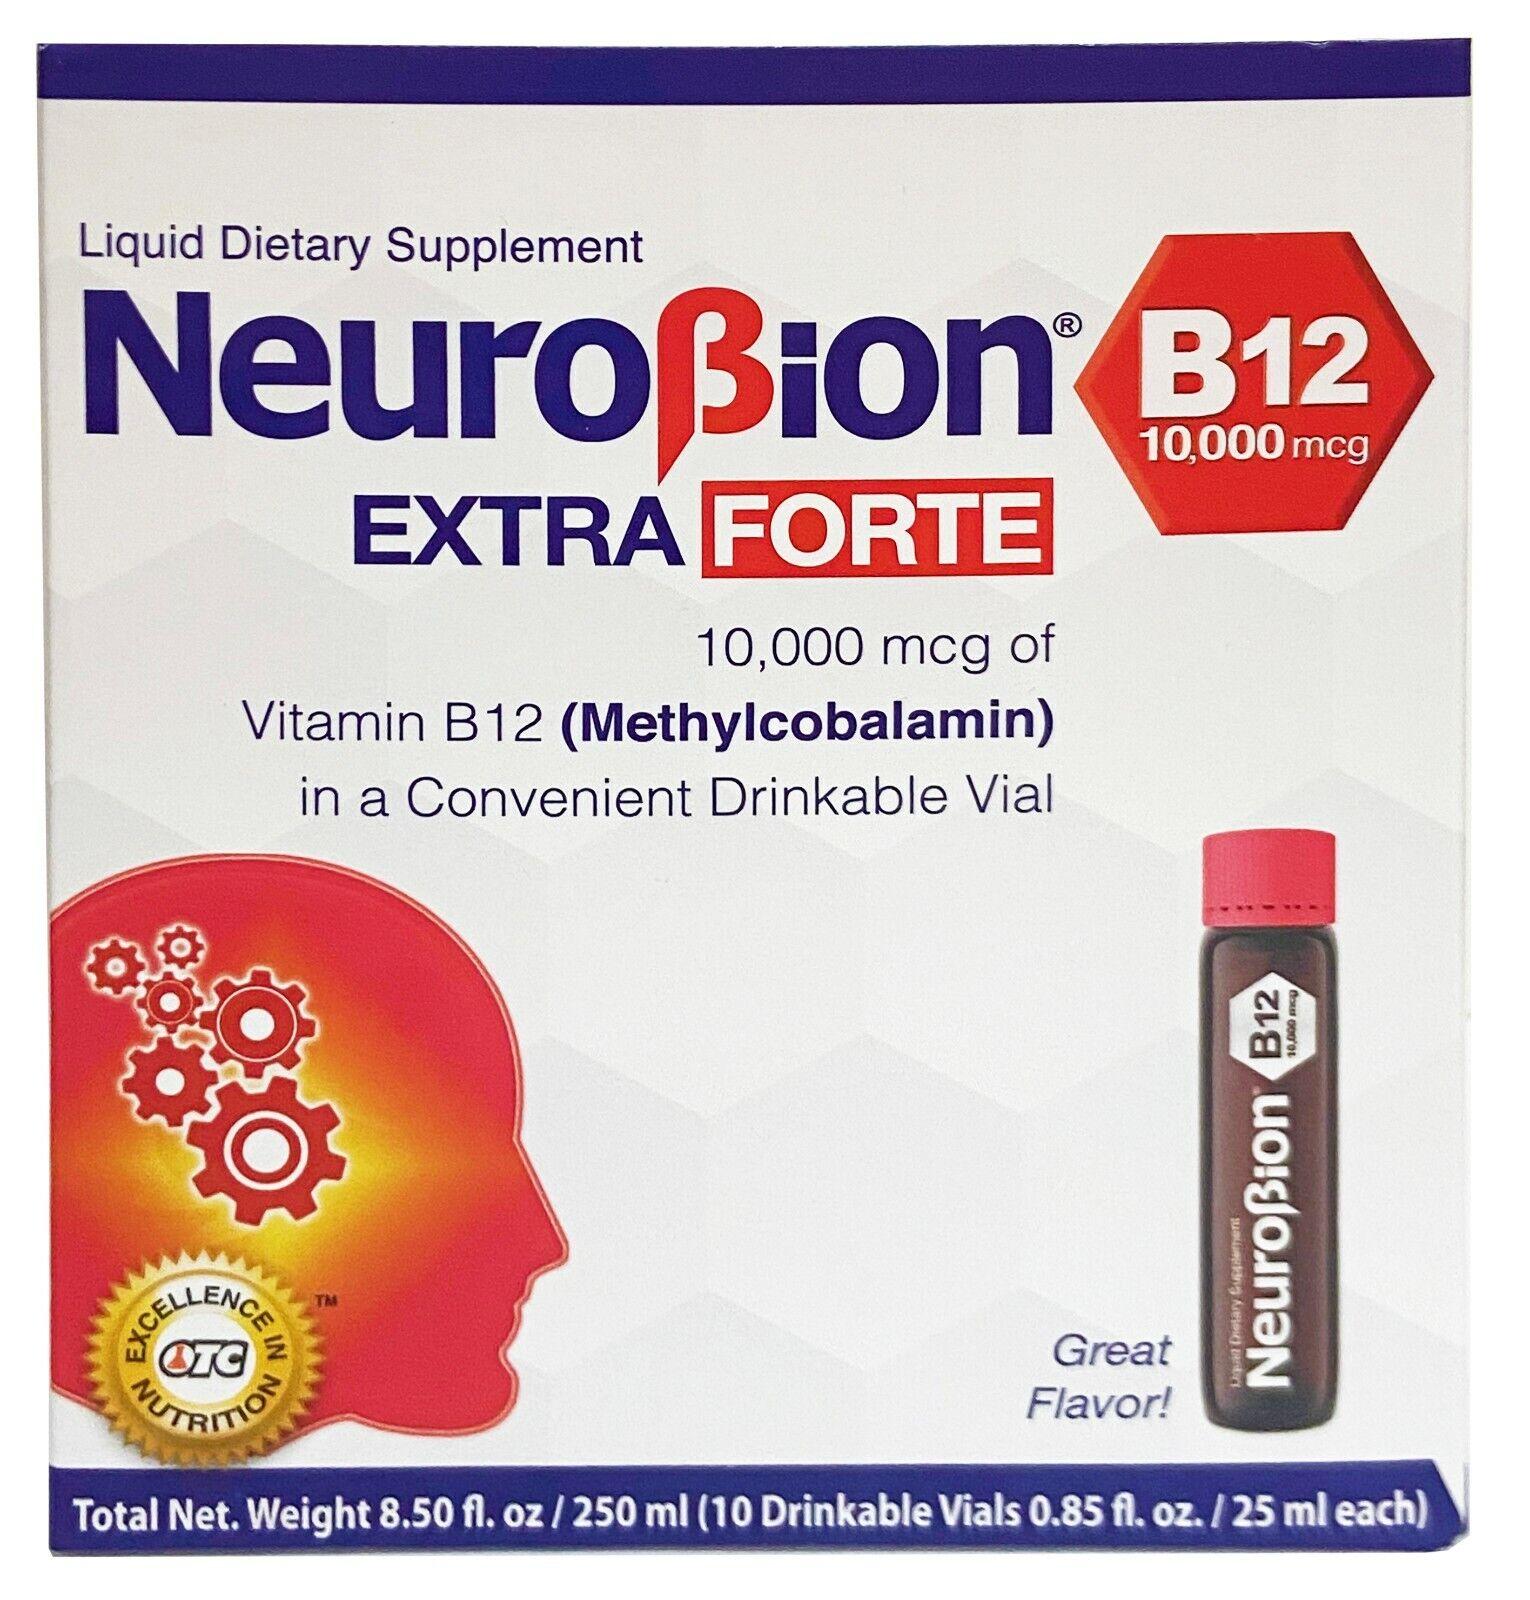 NEUROBION B12 10,000 mcg EXTRA FORTE 10 ORAL VIALS   Exp 12/2022